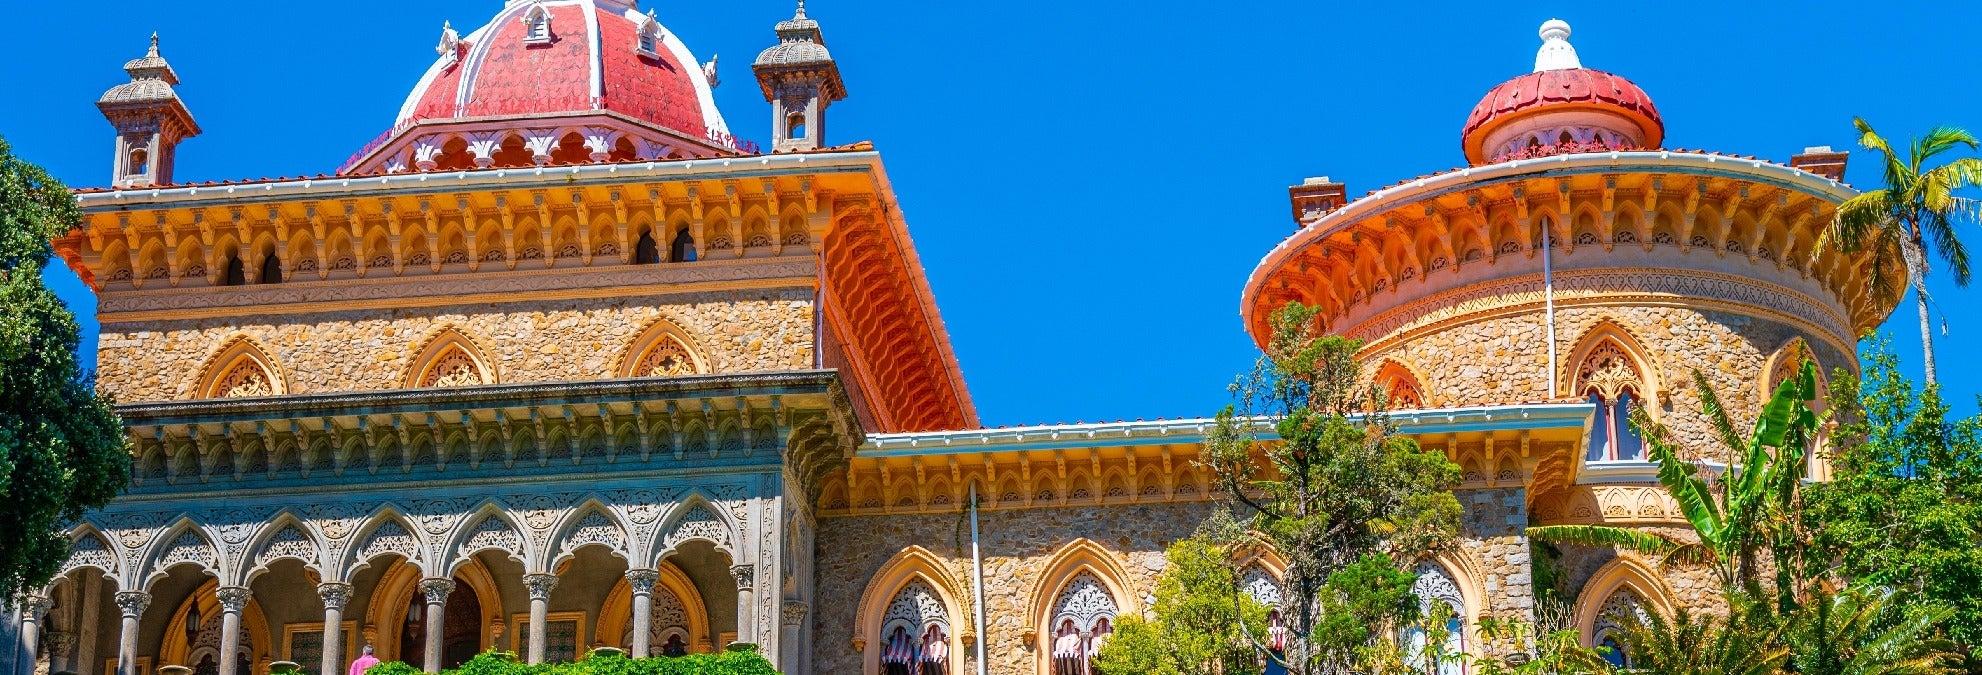 Entrada al Palacio de Monserrate